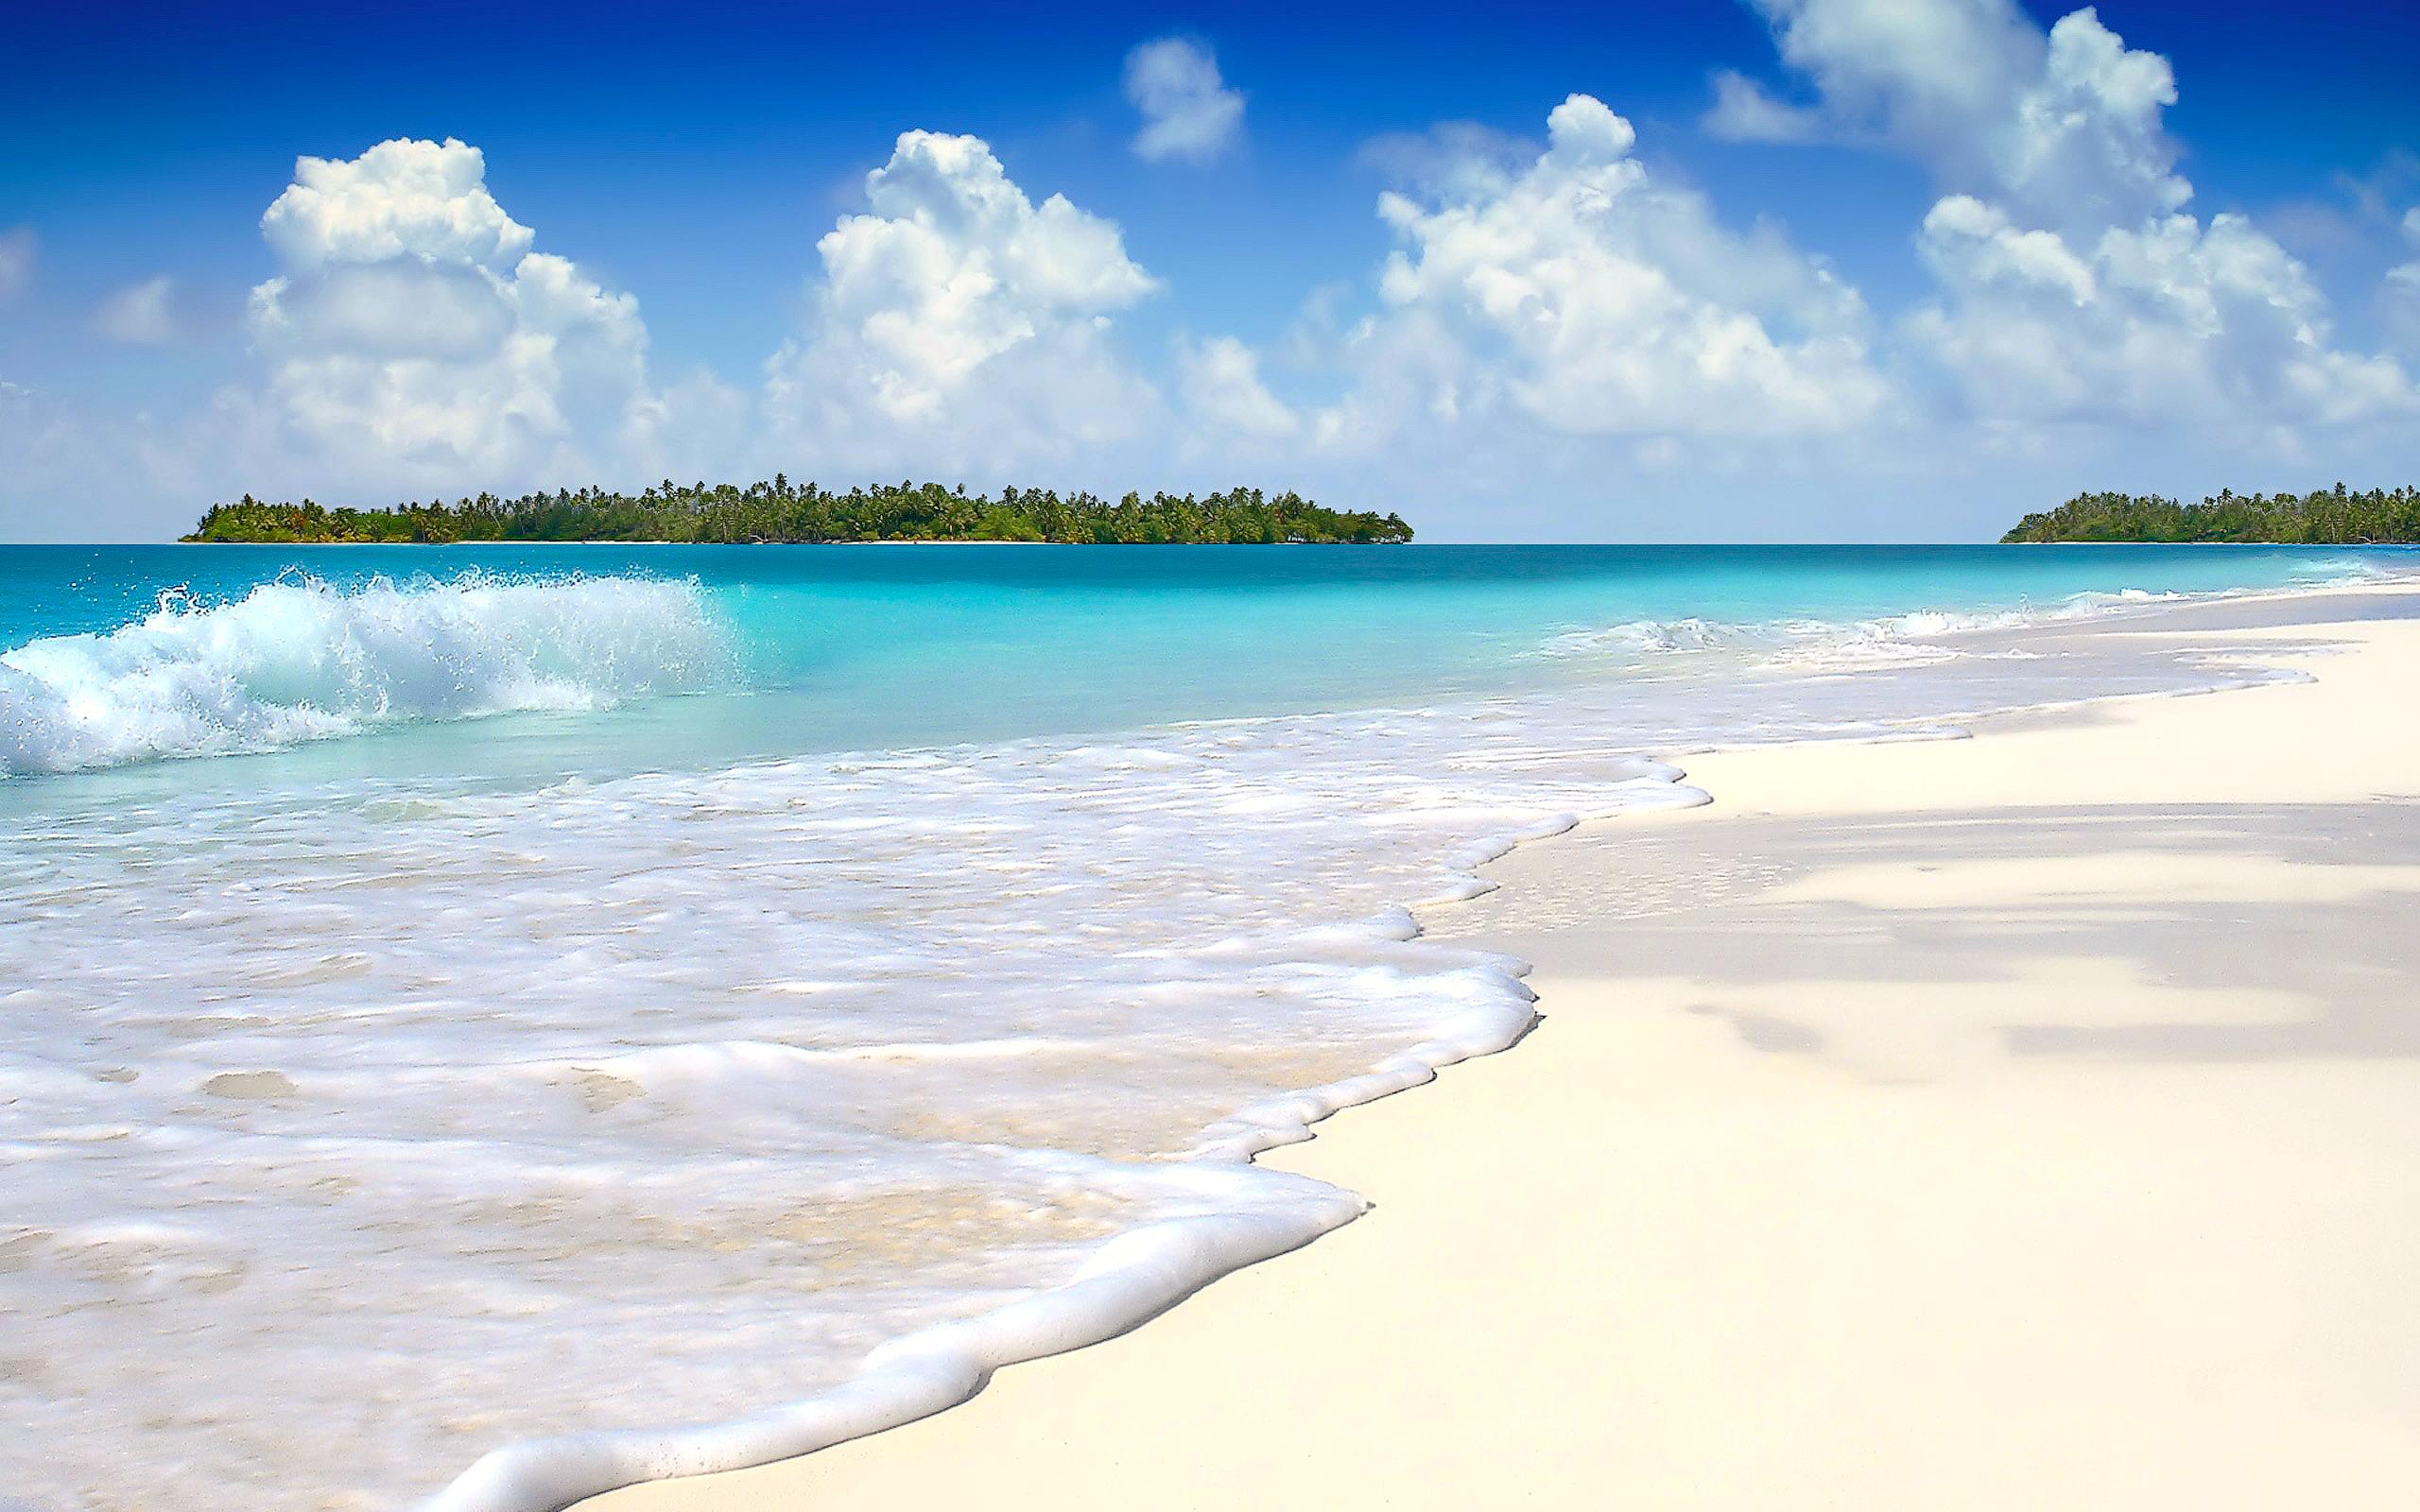 3d пляж обои на рабочий стол № 562201 бесплатно